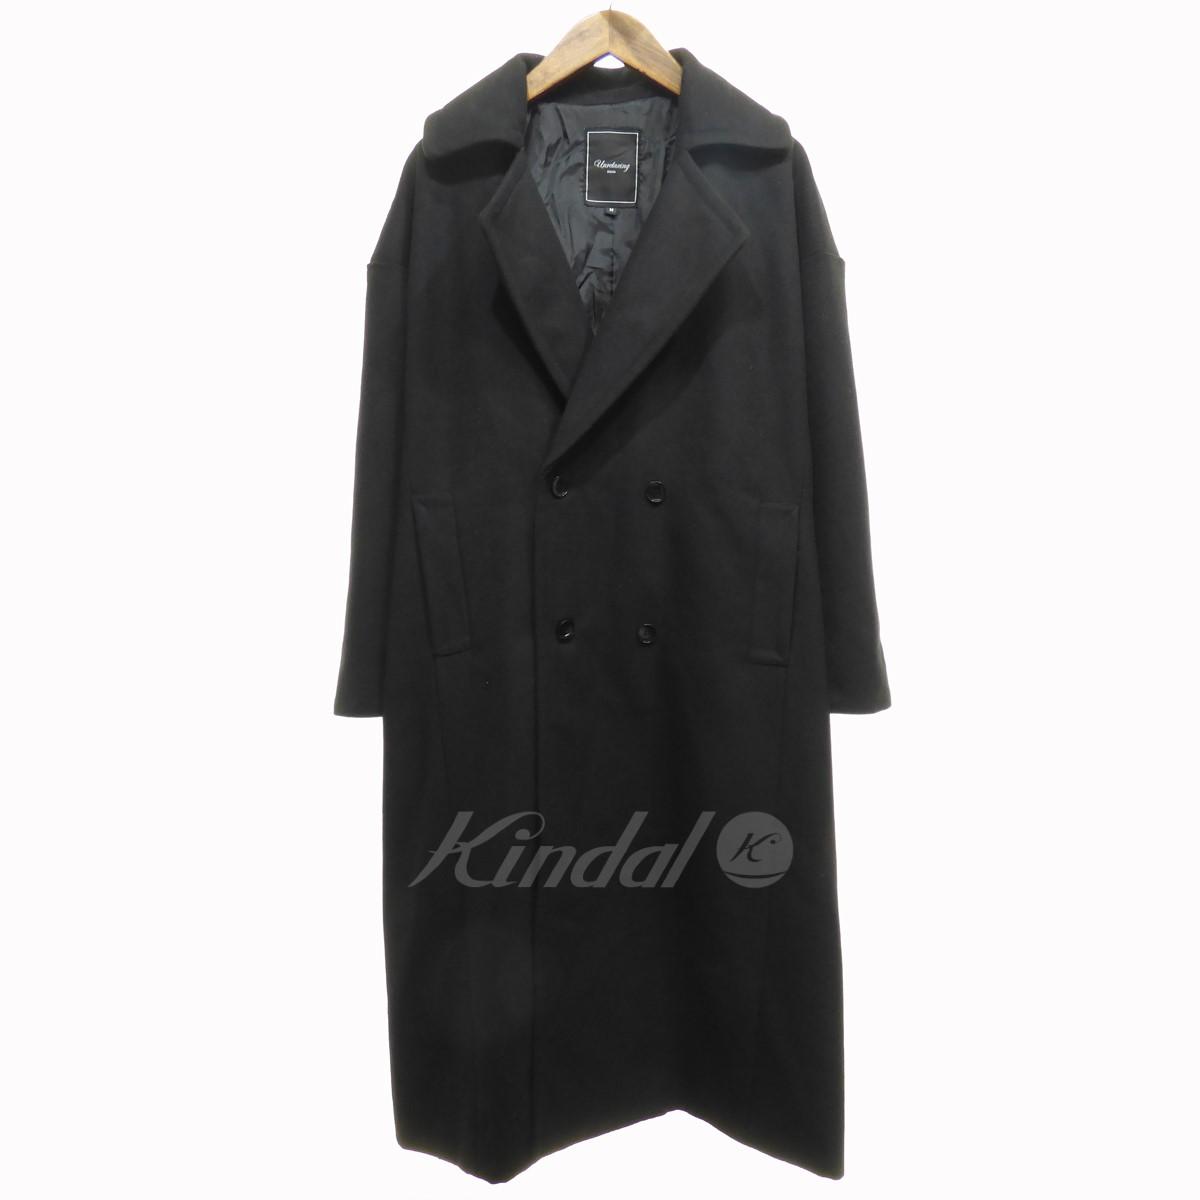 【中古】Unrelaxing オーバーサイズPジャケット Pコート ブラック サイズ:M 【送料無料】 【201018】(アンリラクシング)